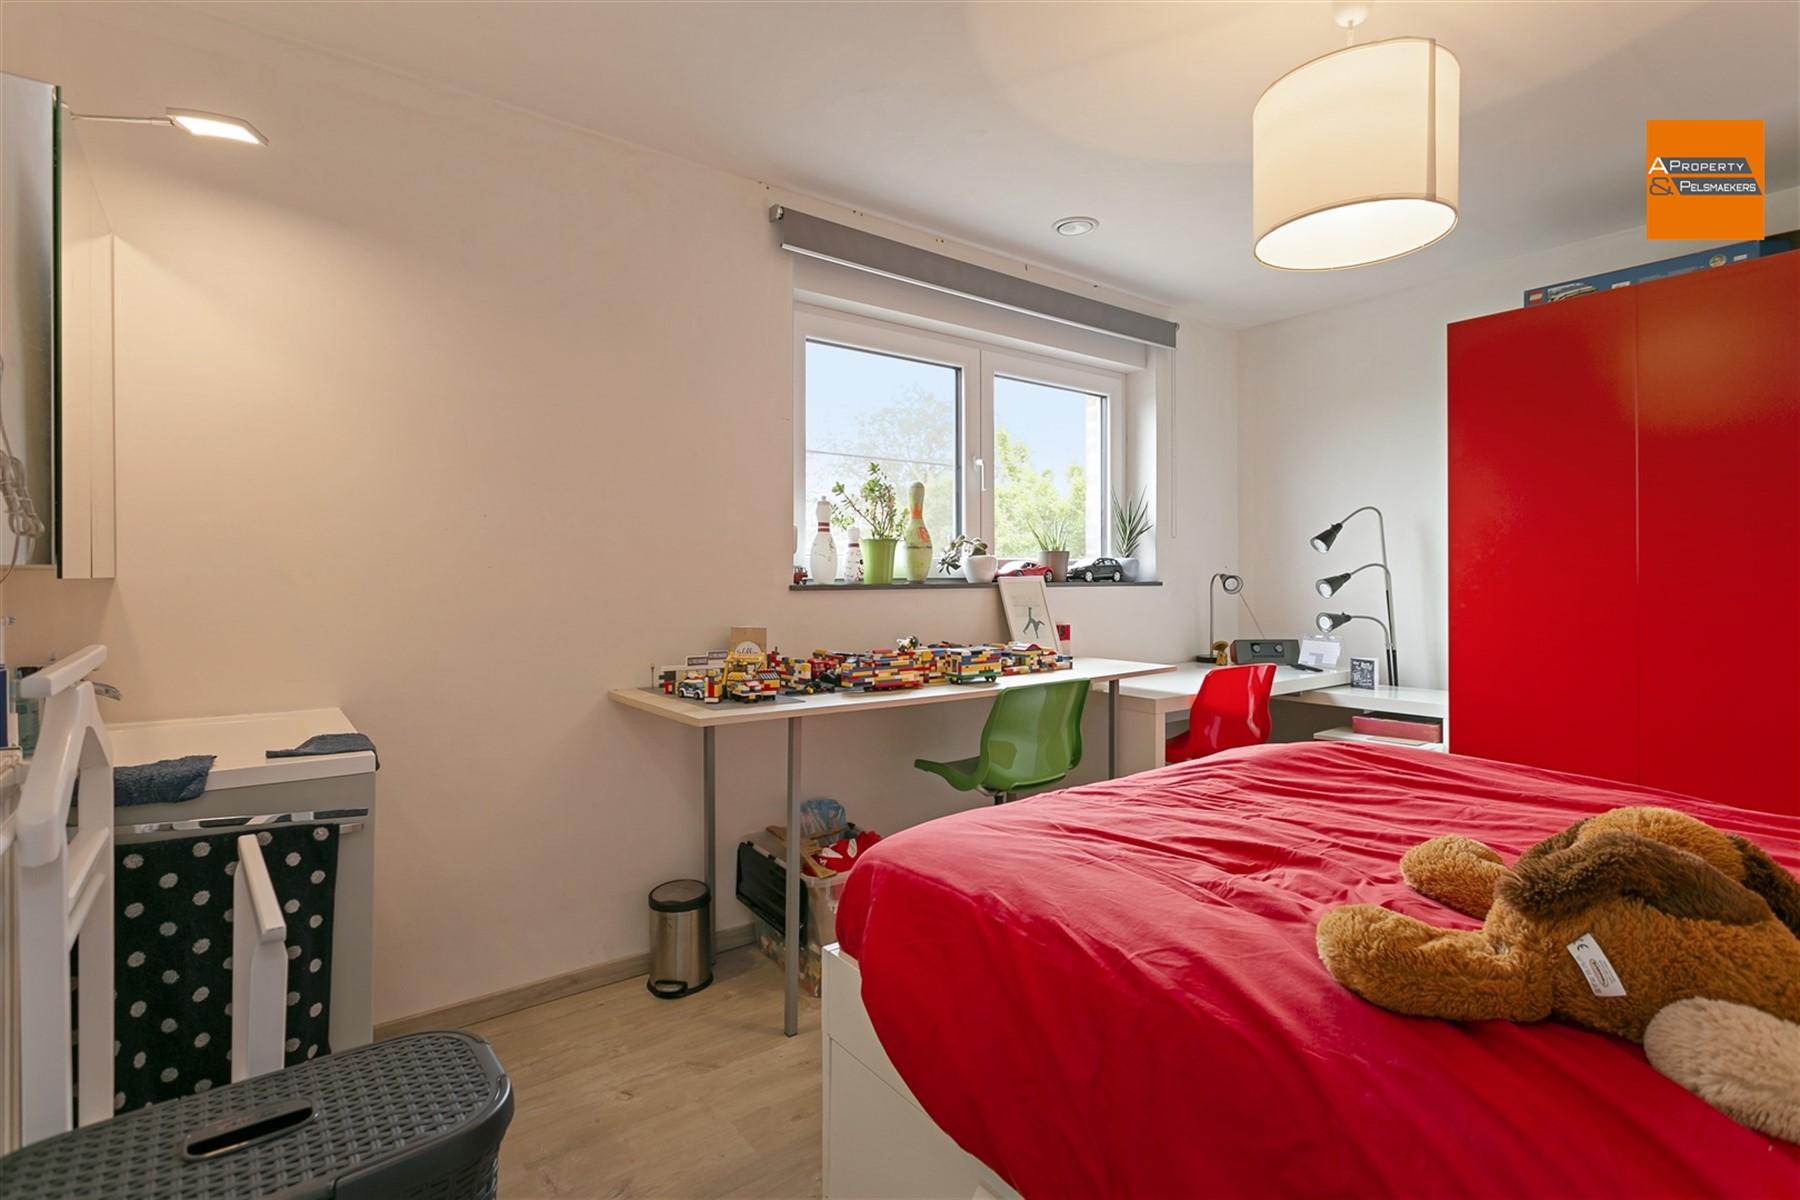 Foto 19 : Huis in 3071 ERPS-KWERPS (België) - Prijs € 650.000